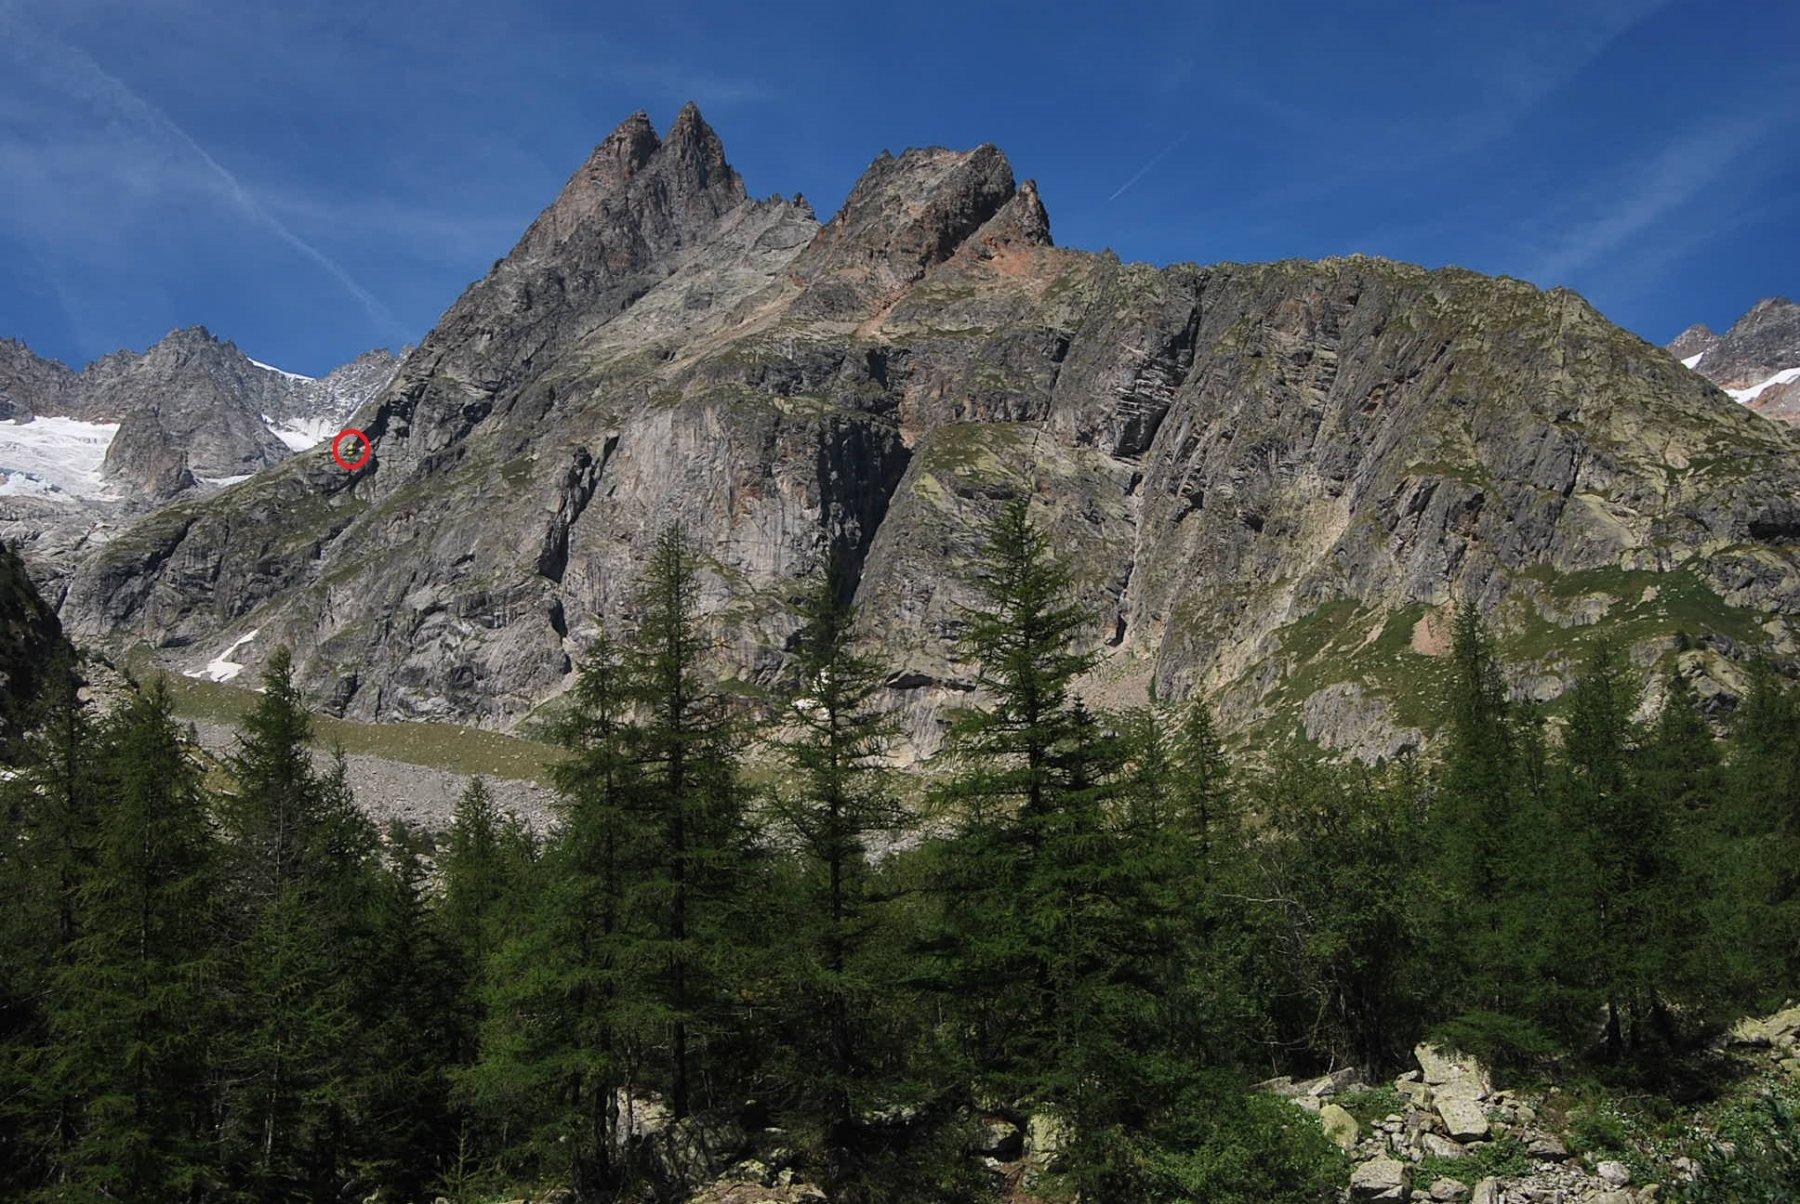 Monts Rouges de Triolet e rifugio visti da Arnouvaz